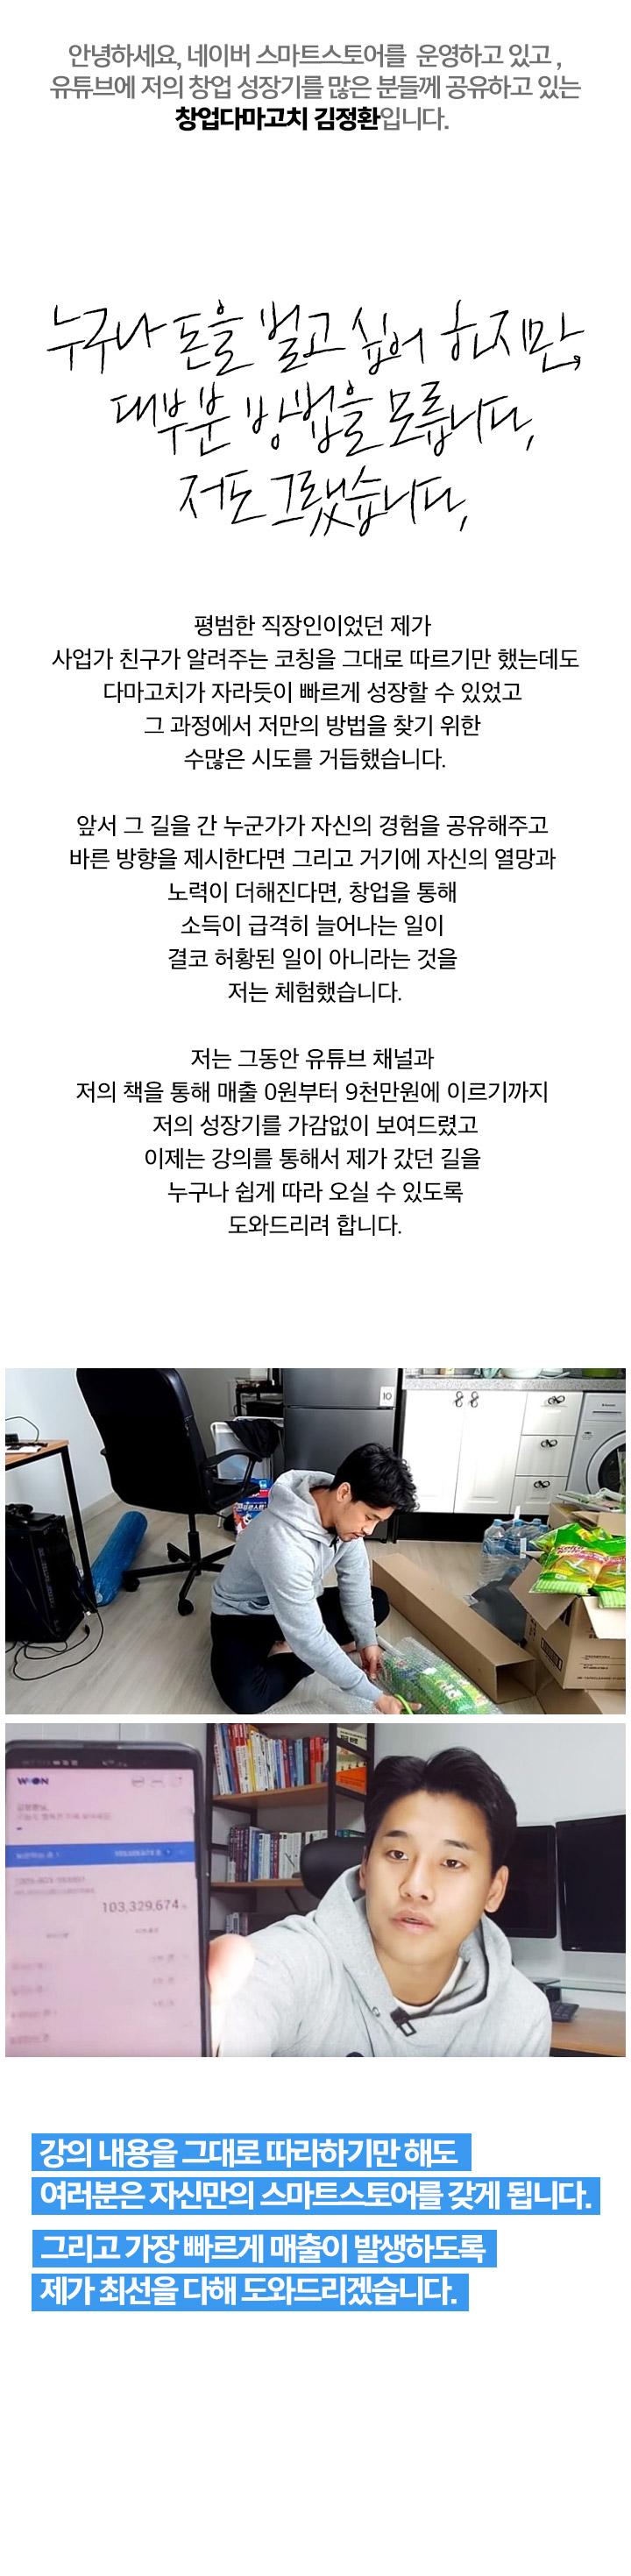 e커머스 강좌소개